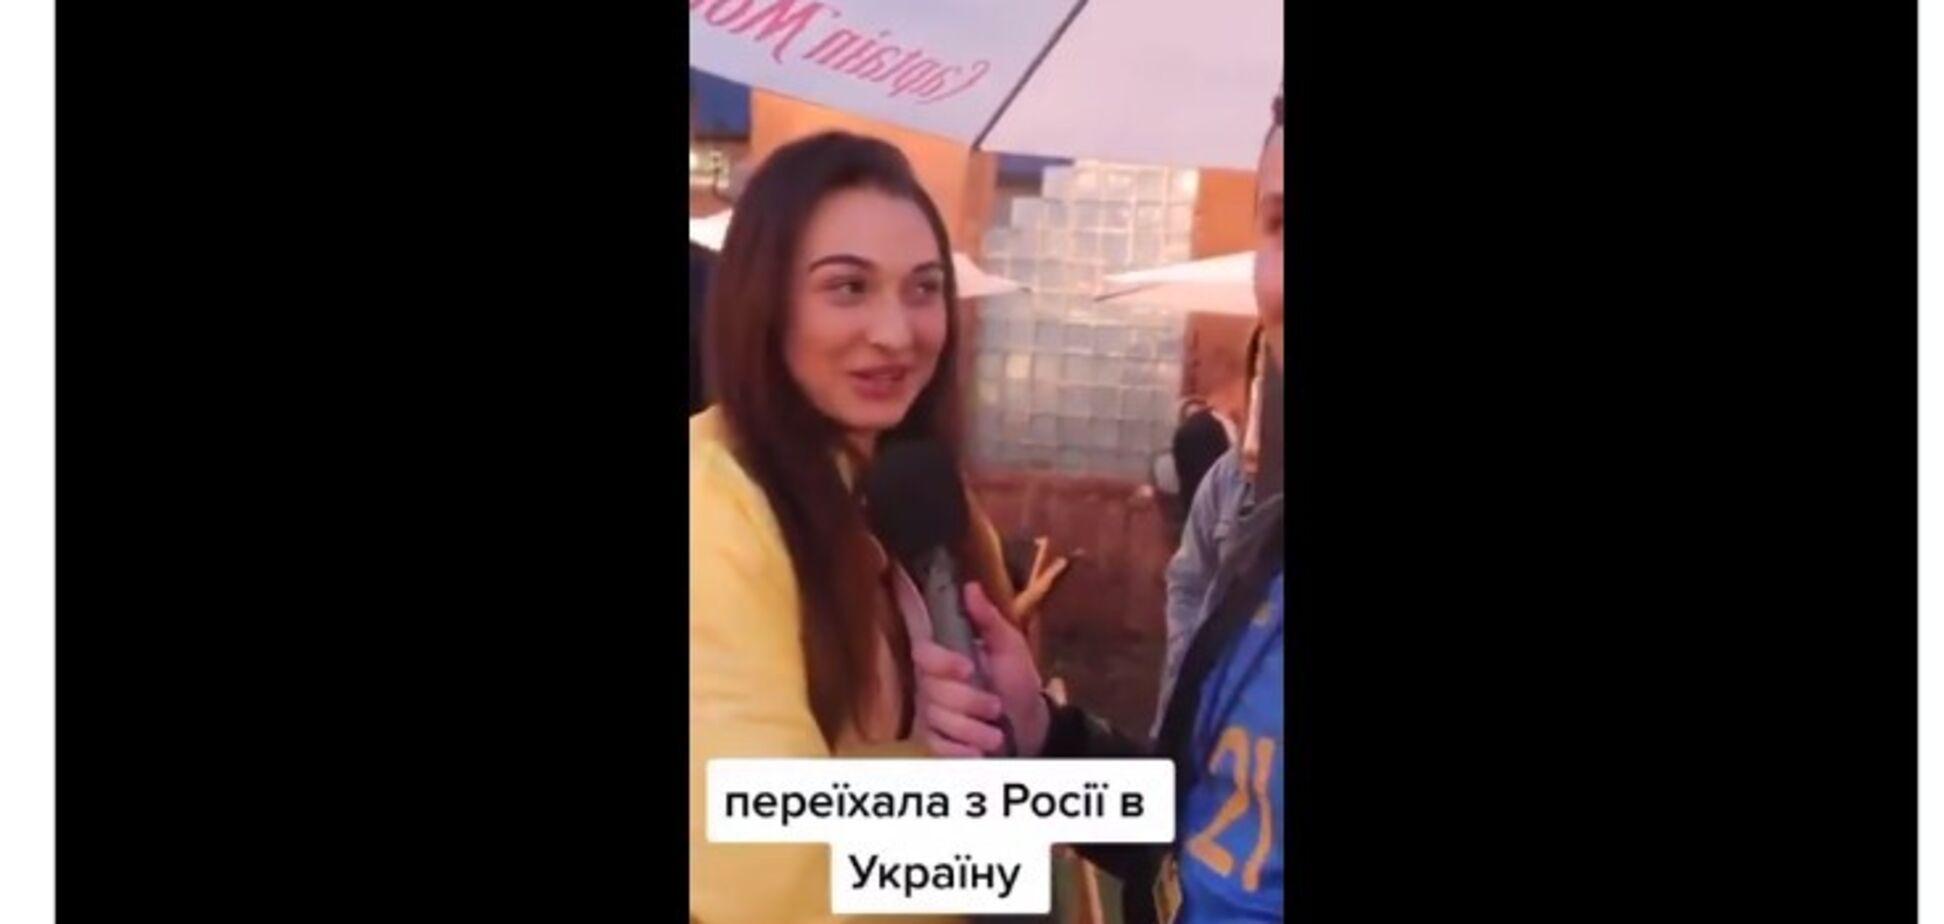 Россиянка приехала в Украину и назвала Путина 'ху*лом'